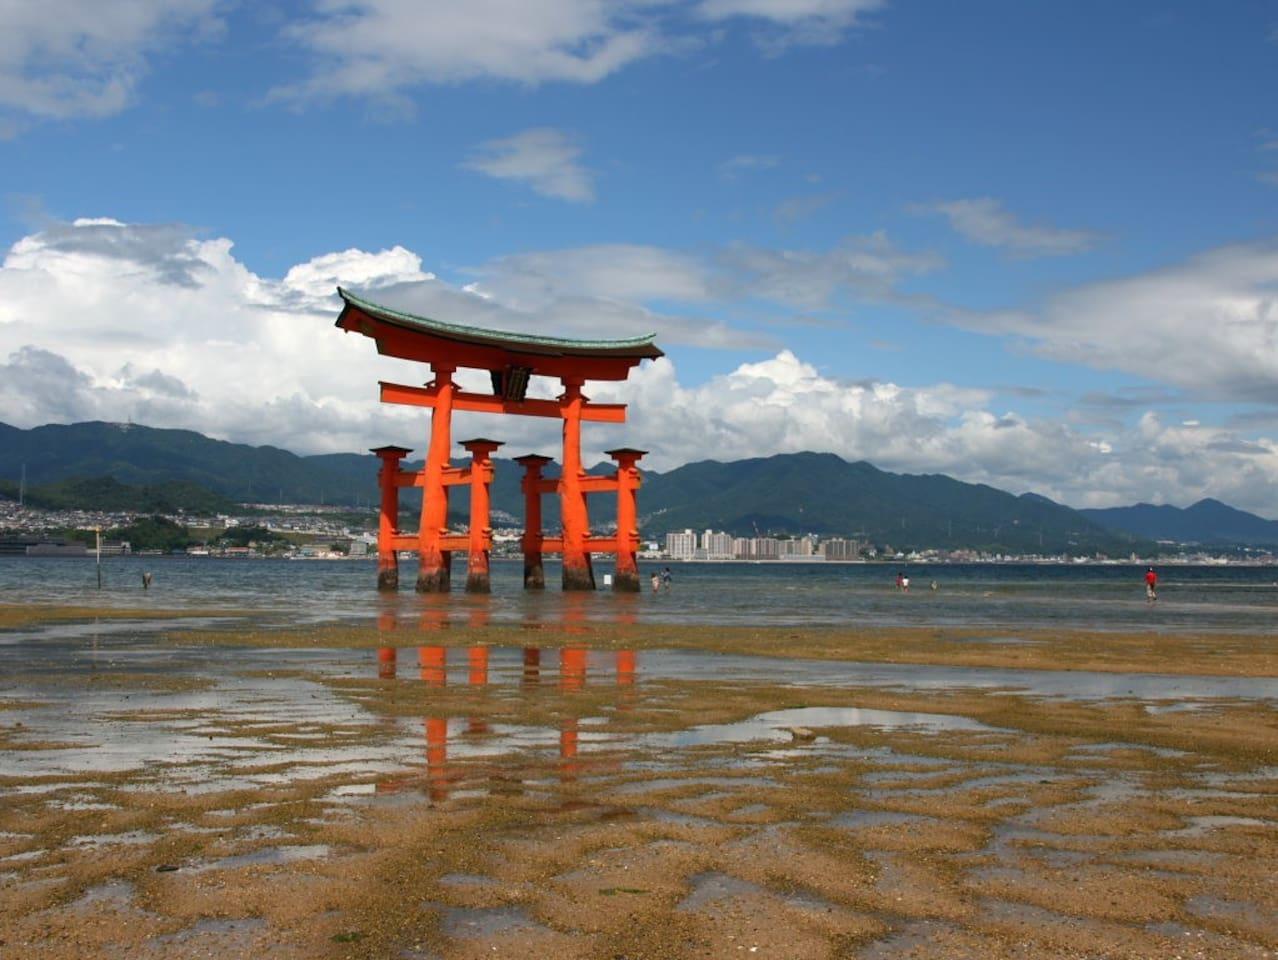 O-trii gate of Miyajima island (1 station away from our nearest station)